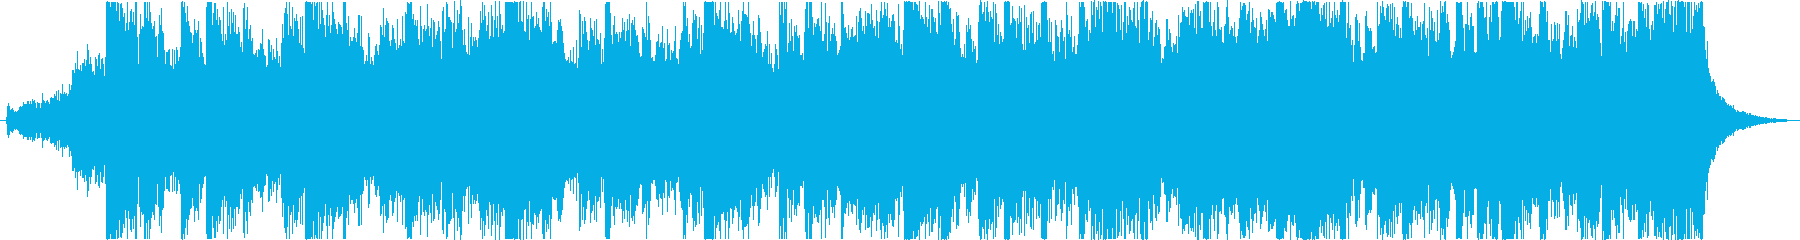 感動シネマティックエピックオーケストラdの再生済みの波形